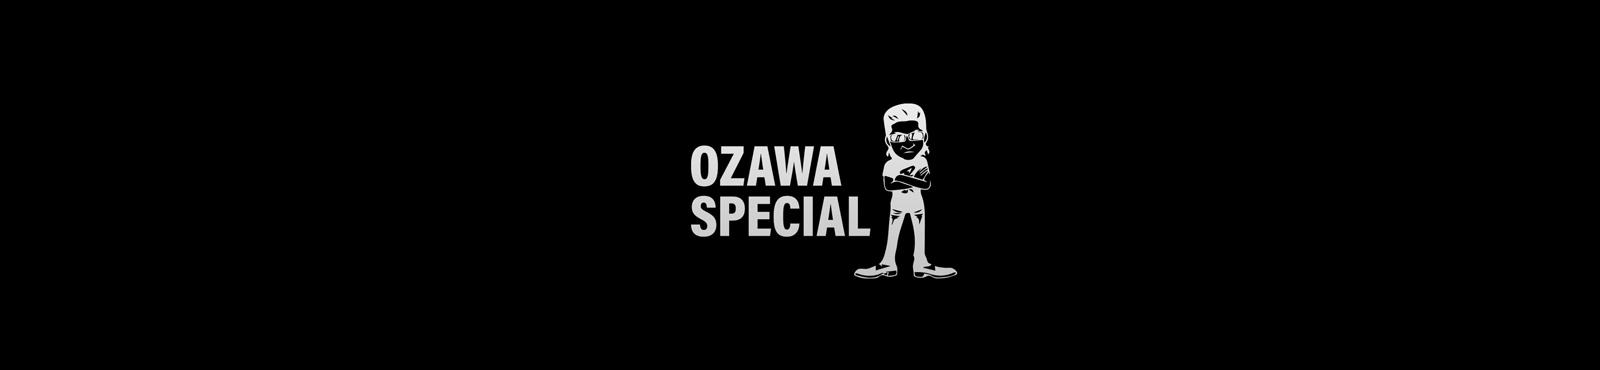 オザワスペシャル